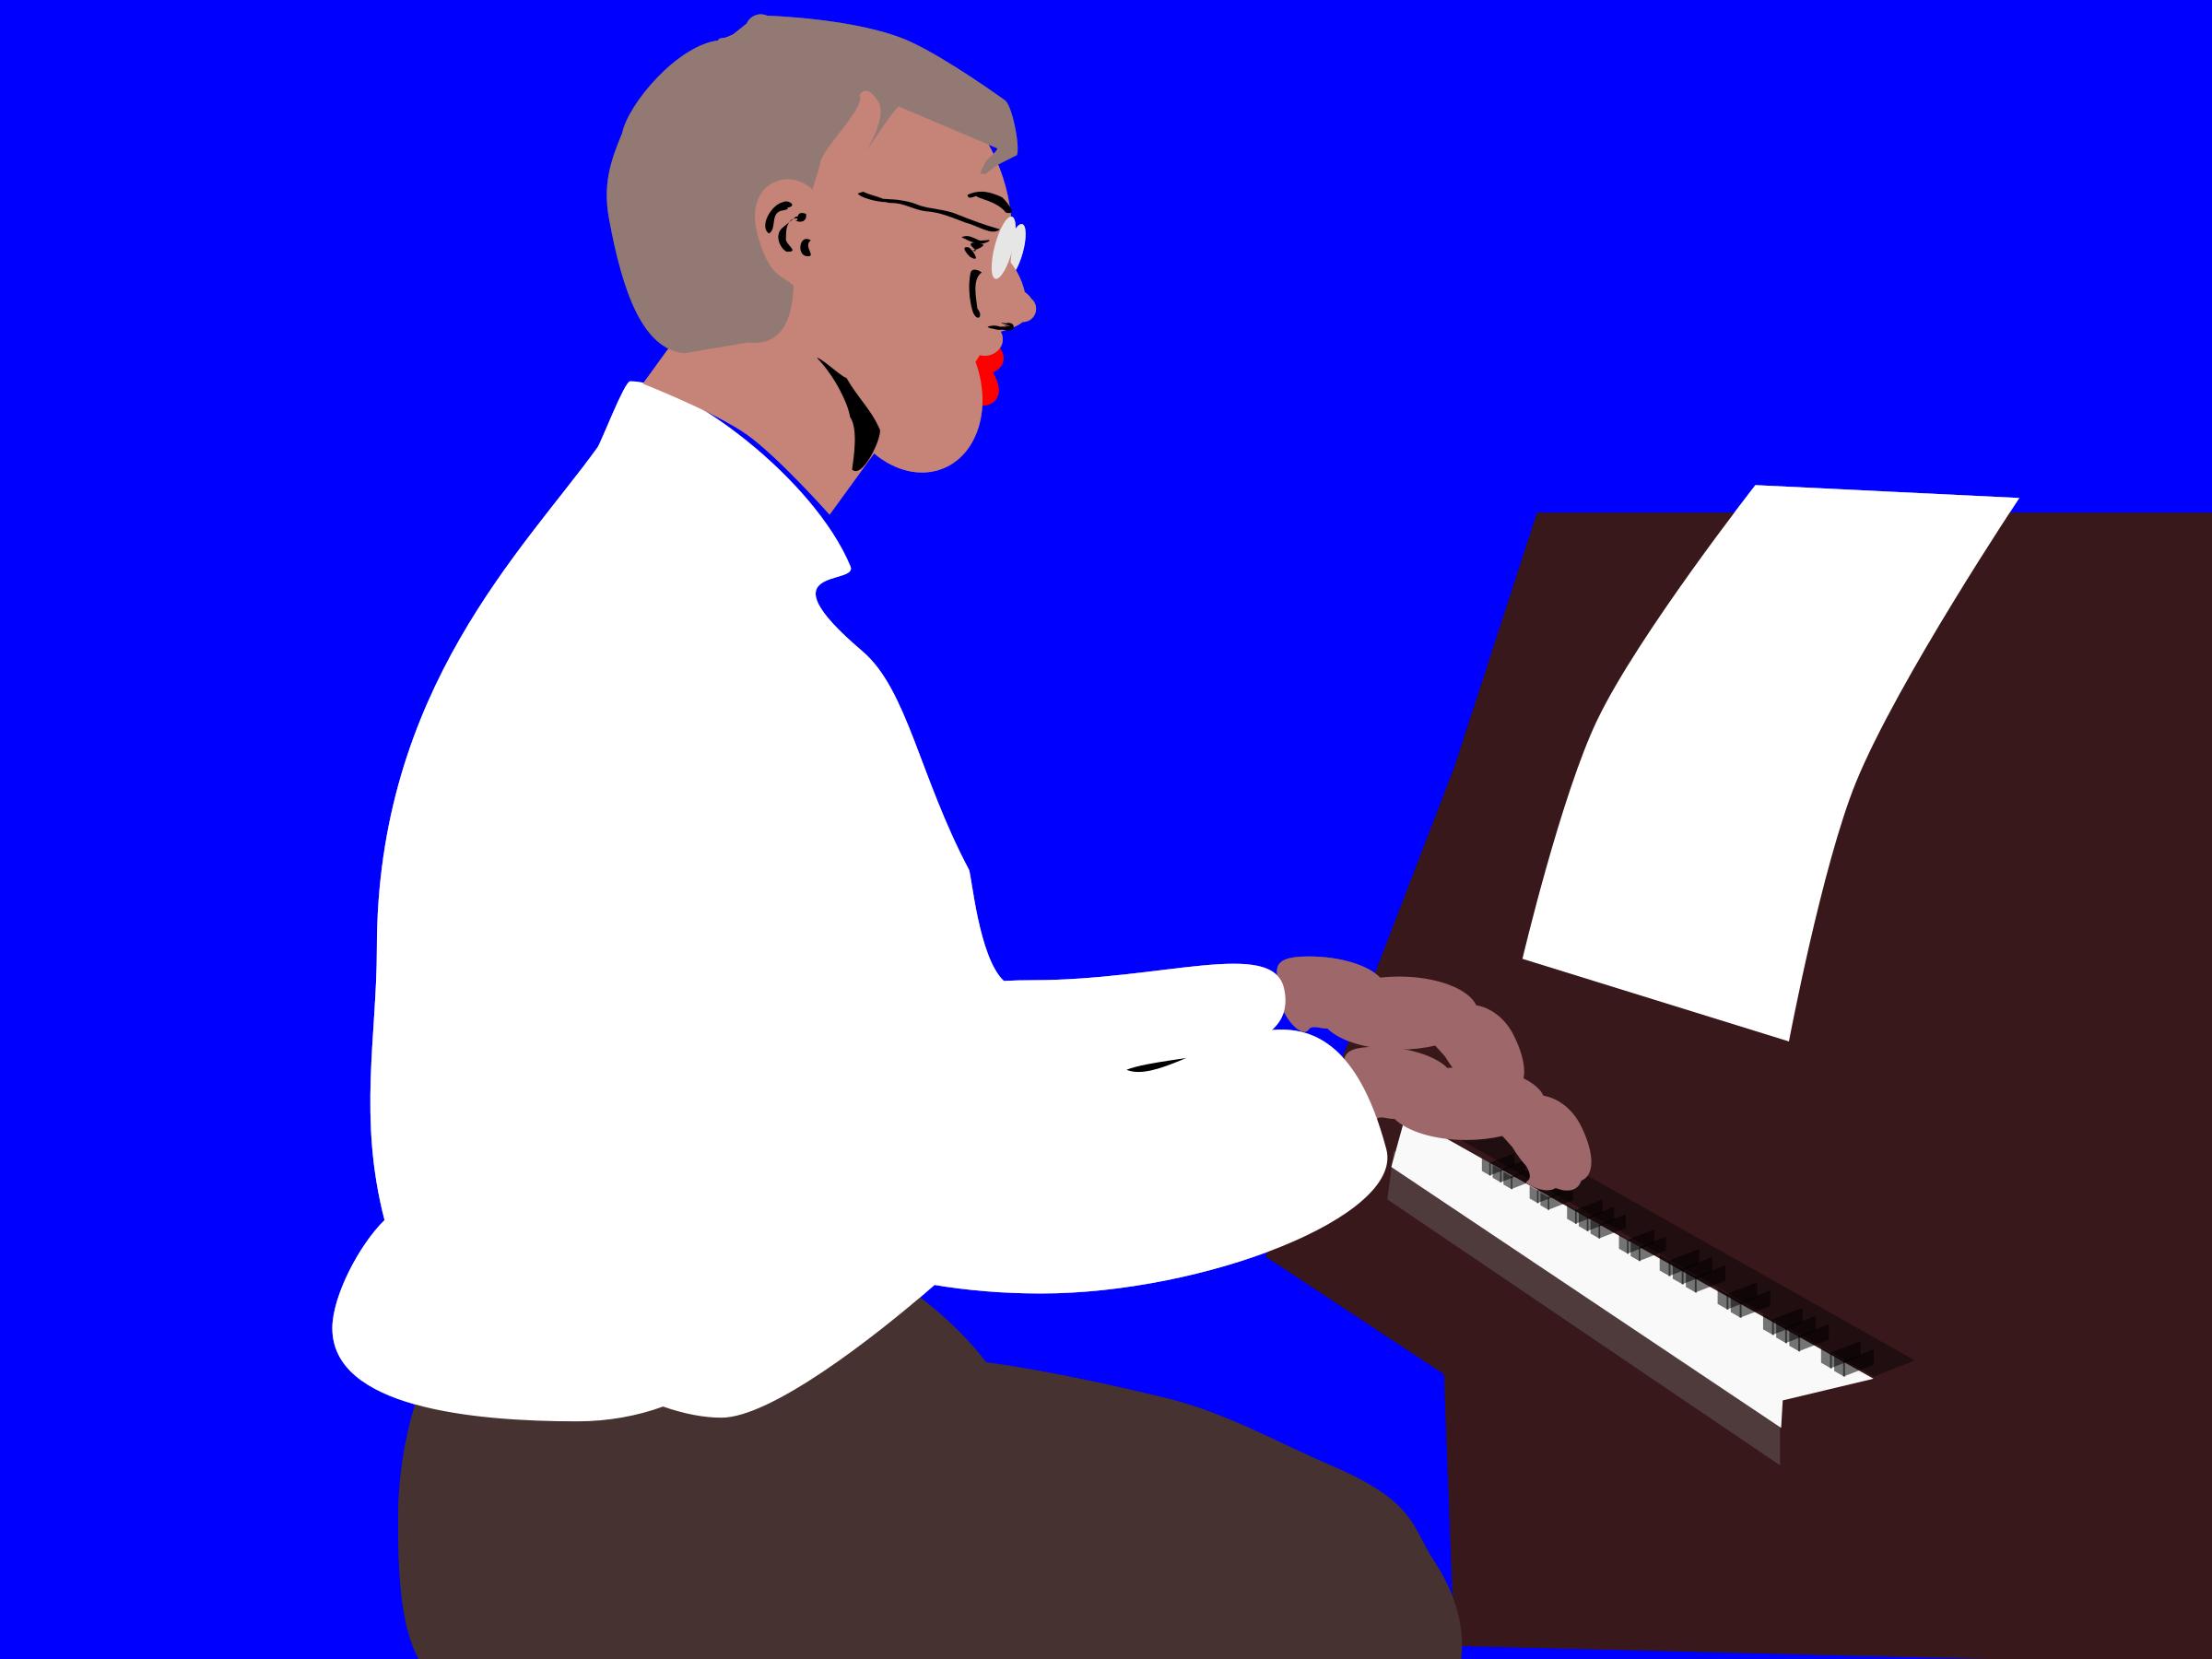 Piano football and baseball clipart image free library Pianist clipart   ClipartMonk - Free Clip Art Images image free library